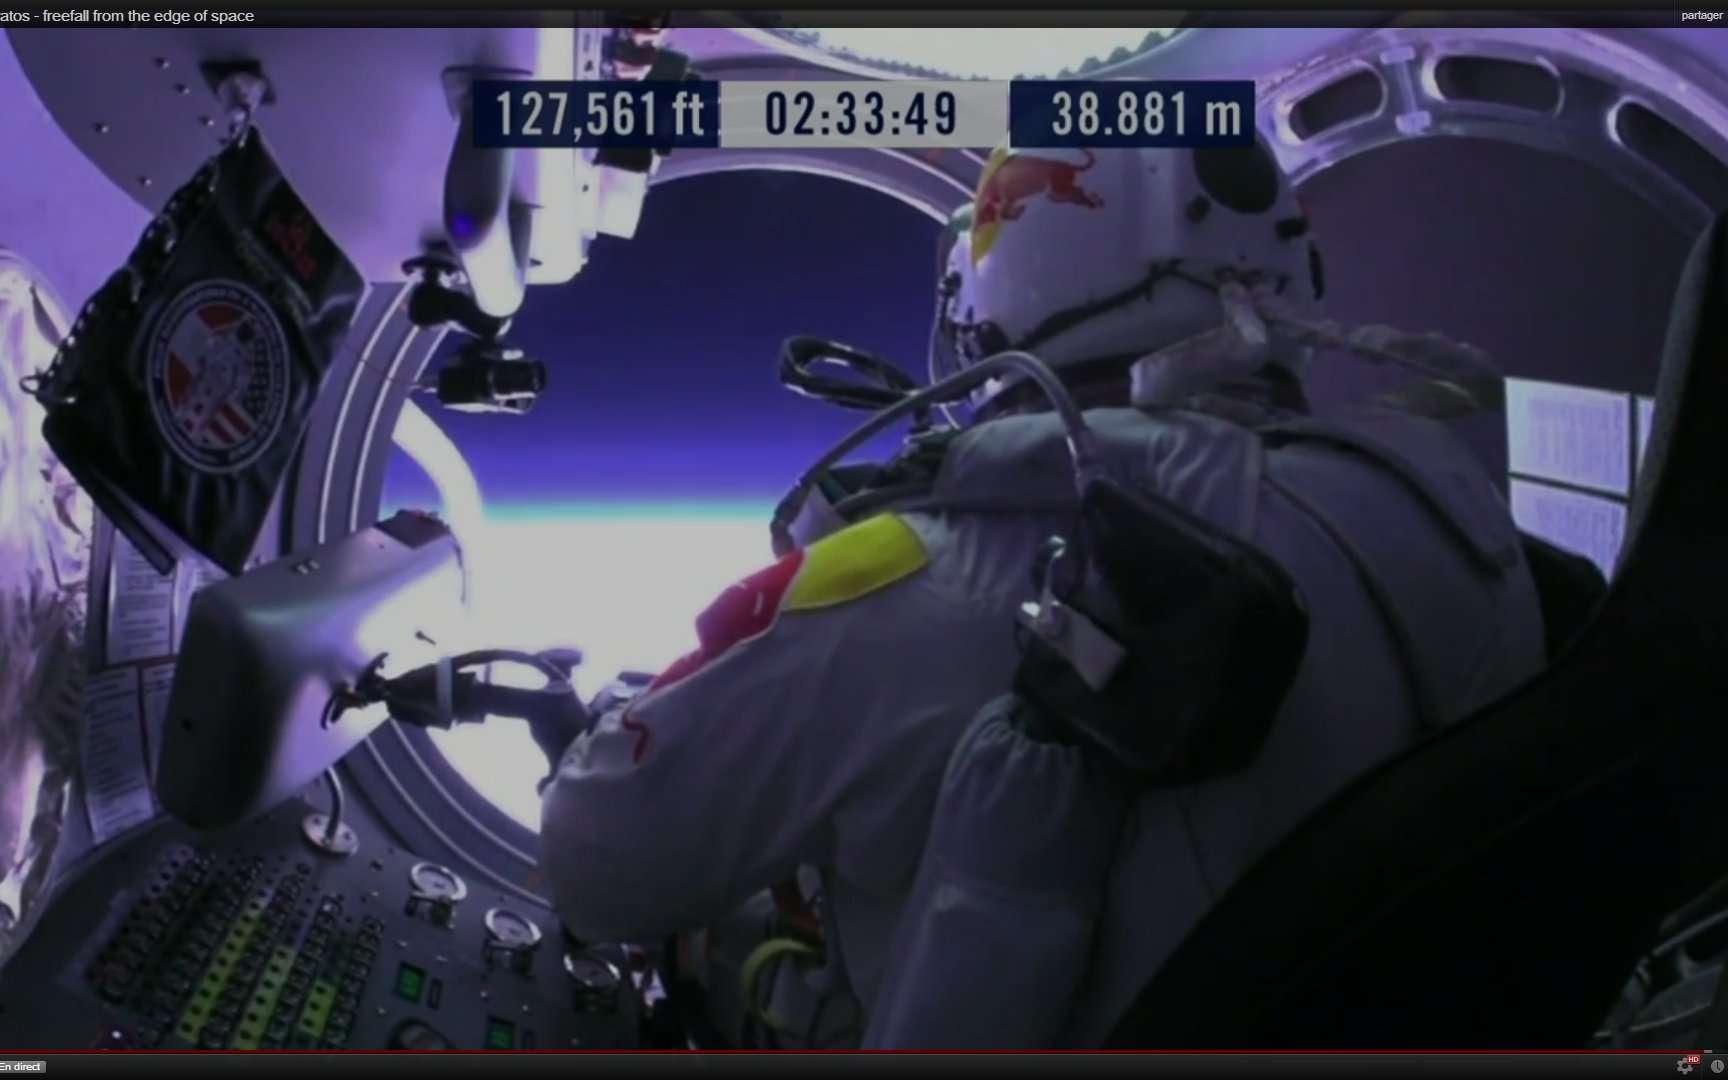 La porte ronde vient de s'ouvrir sur la stratosphère. Il ne reste plus qu'à sauter... © Red Bull Stratos